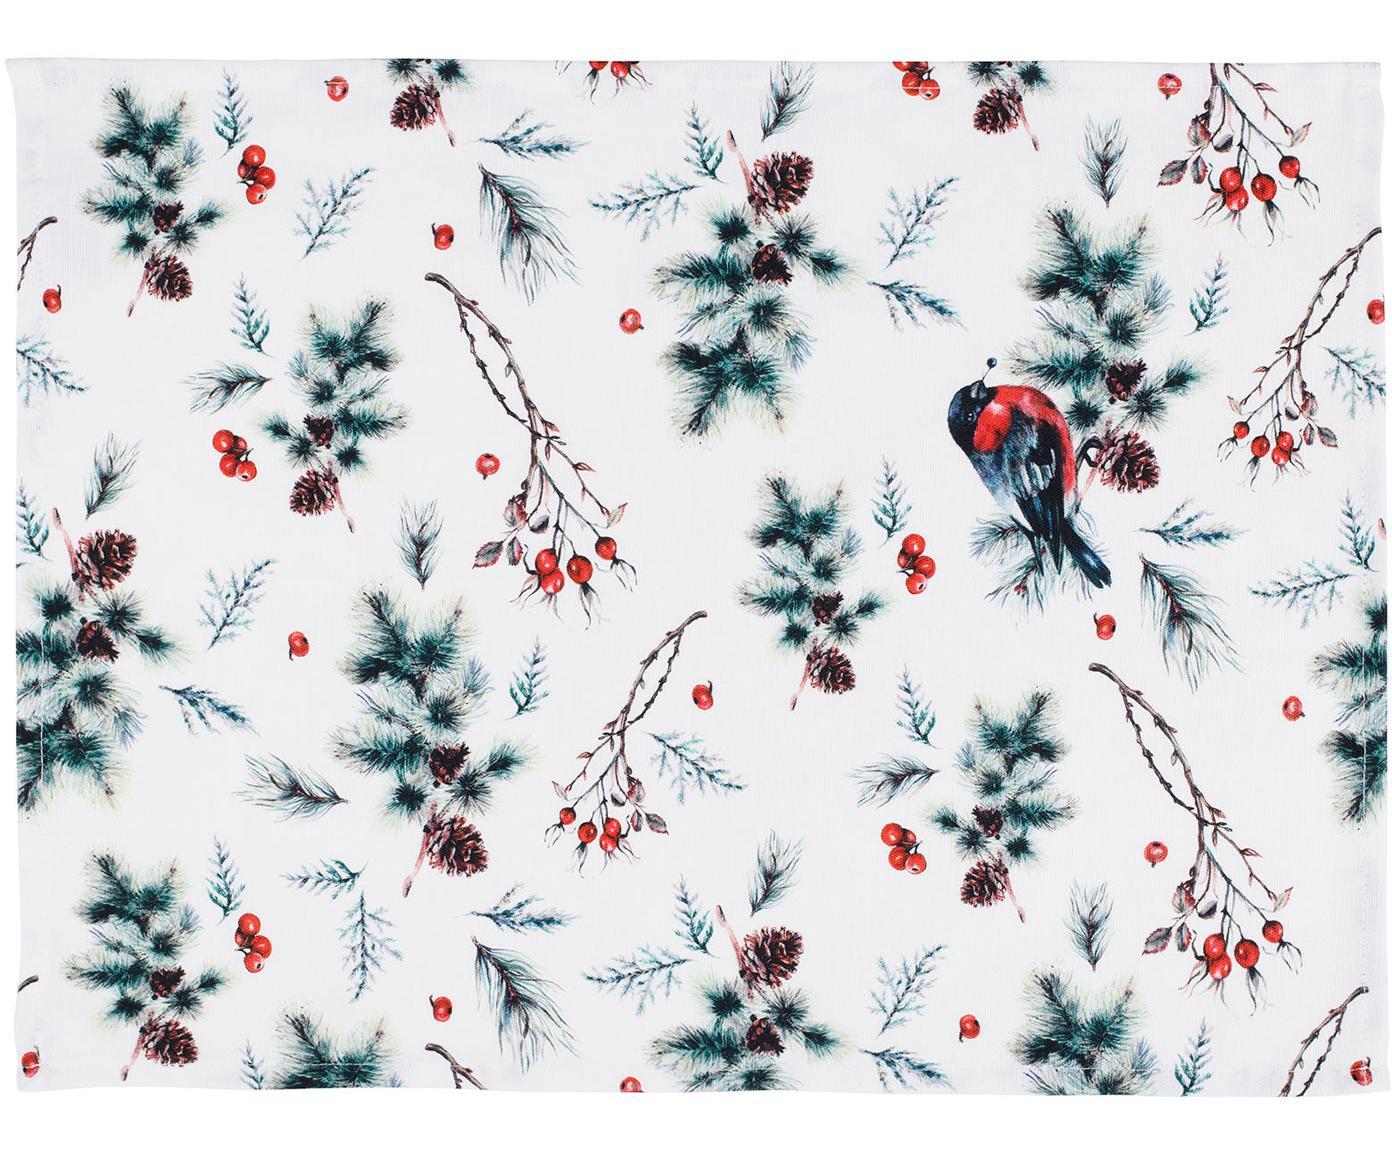 Tovaglietta Aubepine 2 pz, Cotone, Verde, rosso, Larg. 38 x Lung. 50 cm